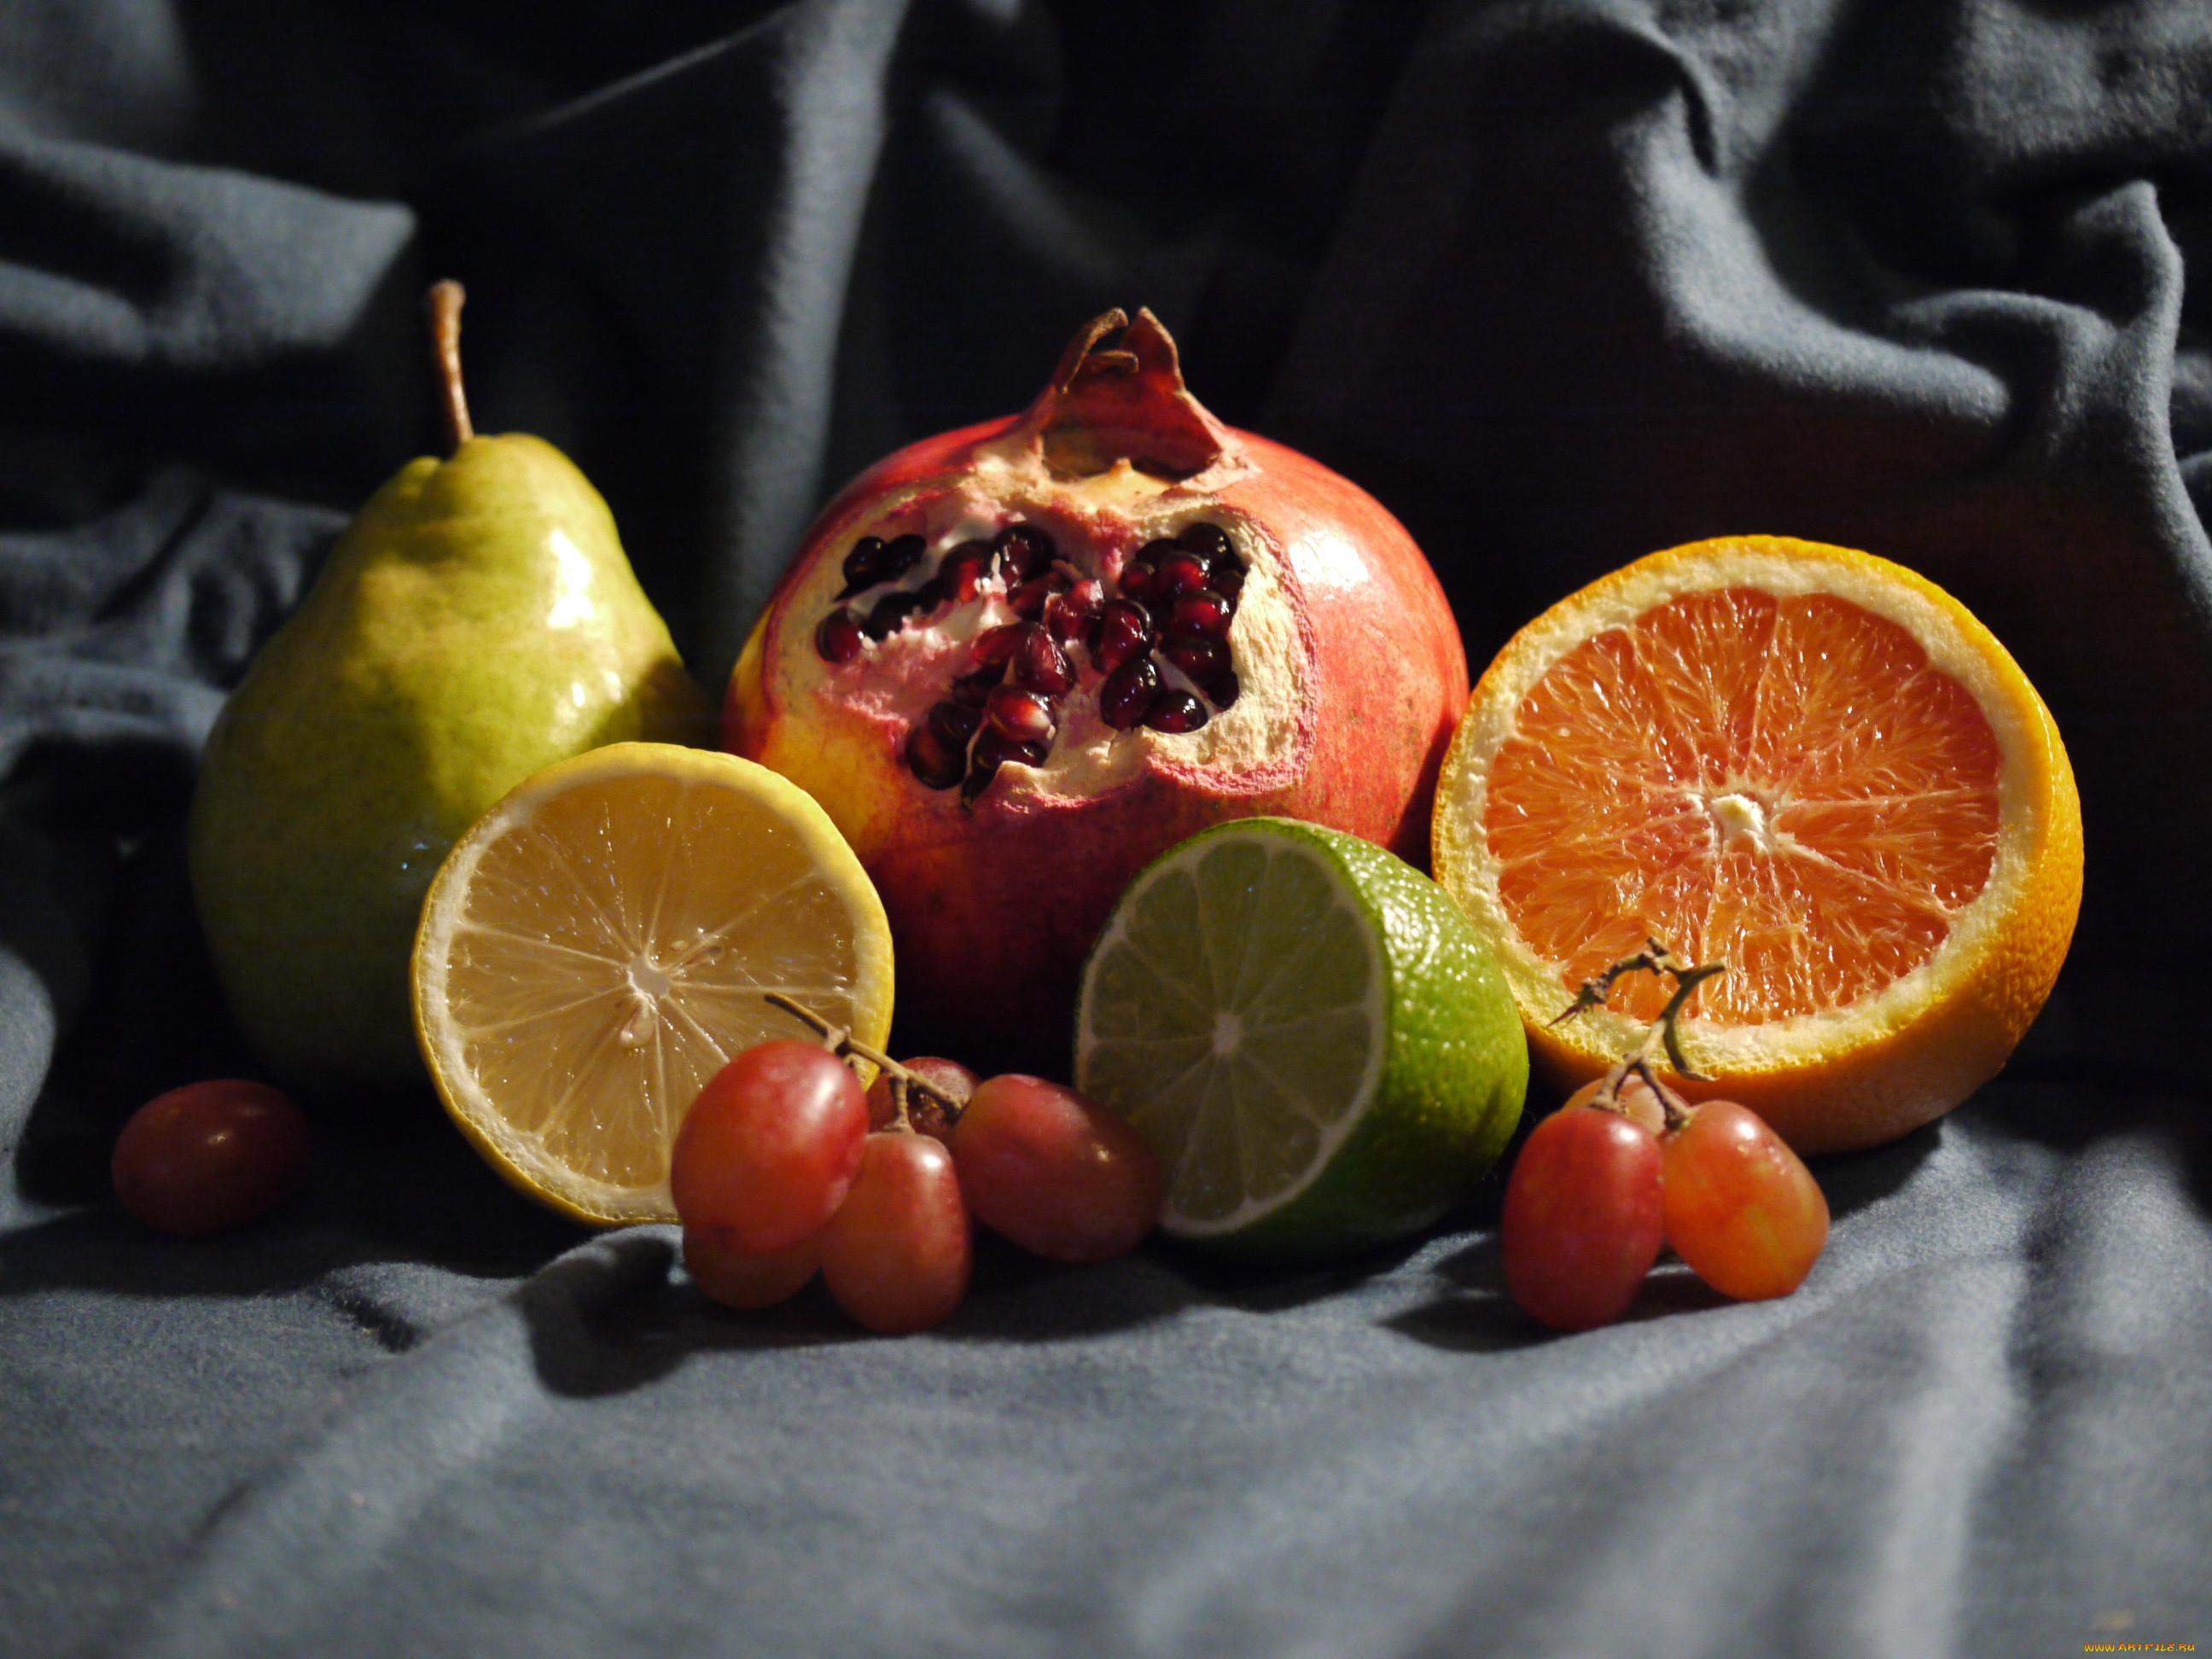 Картинки с фруктами апельсинами рисунке кленовый